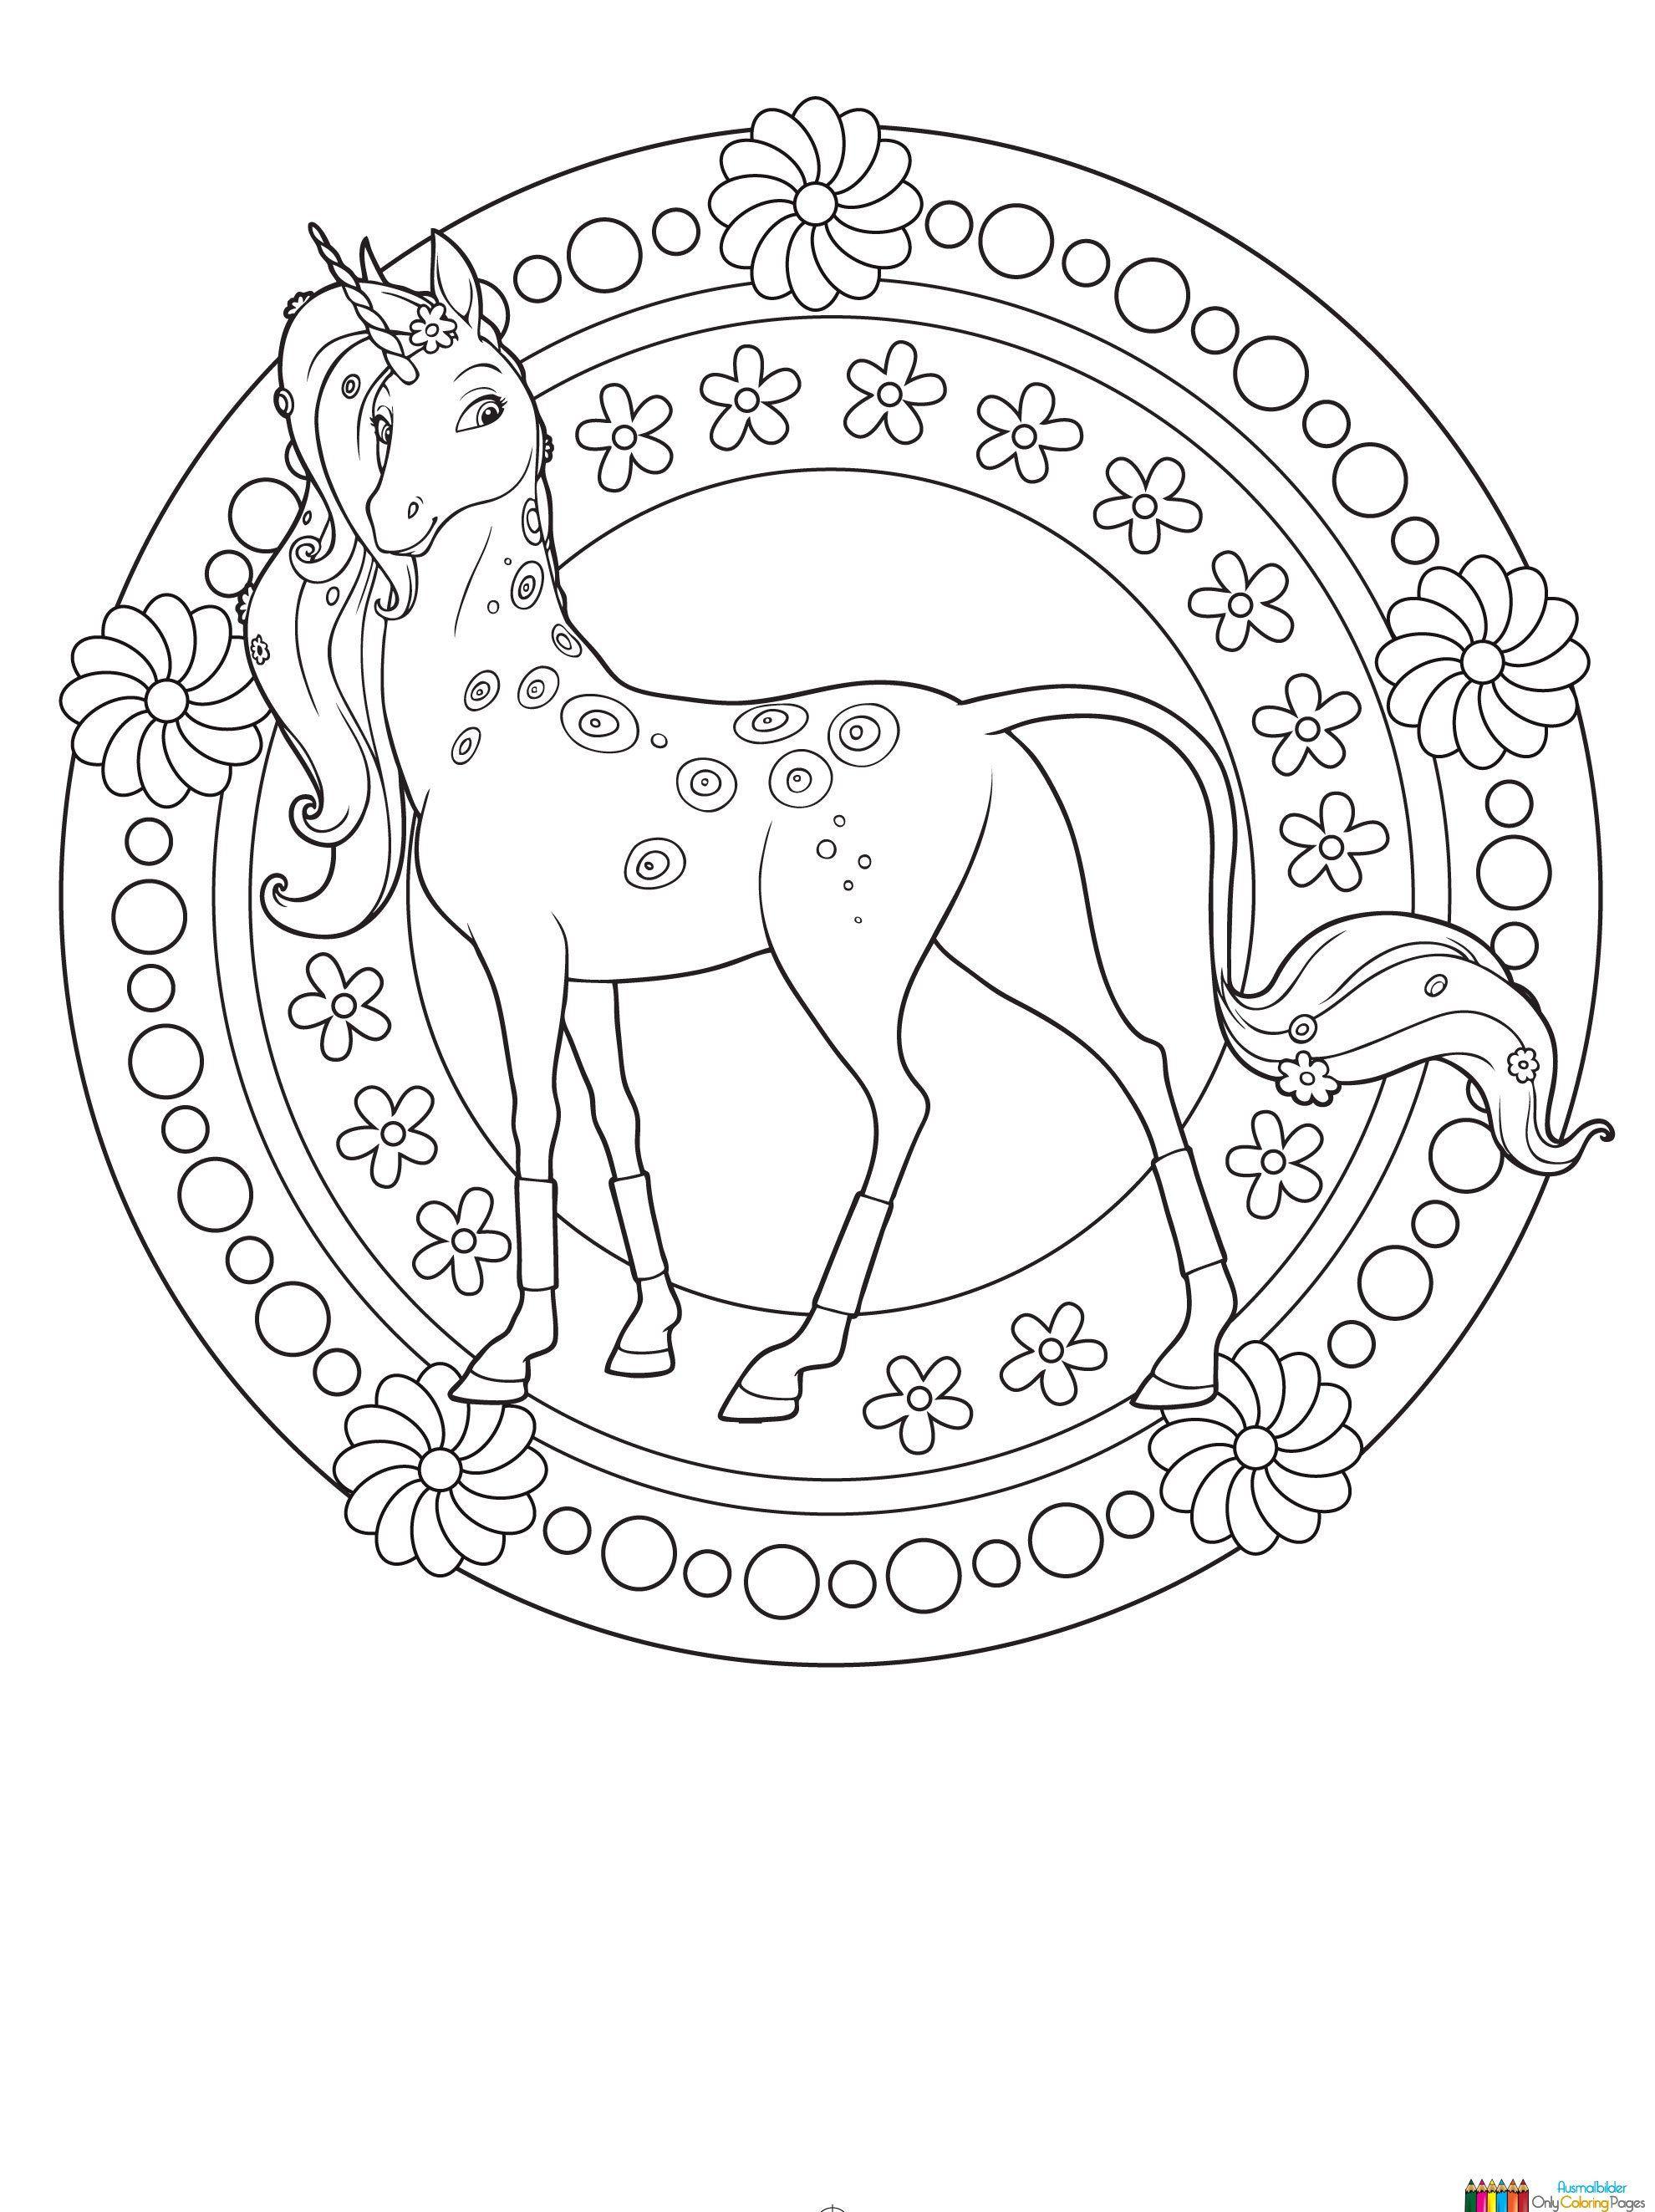 Pferde Ausmalbilder Zum Drucken Einzigartig Onchao Ausmalbilder Silhouette Cameo Pinterest Sammlung